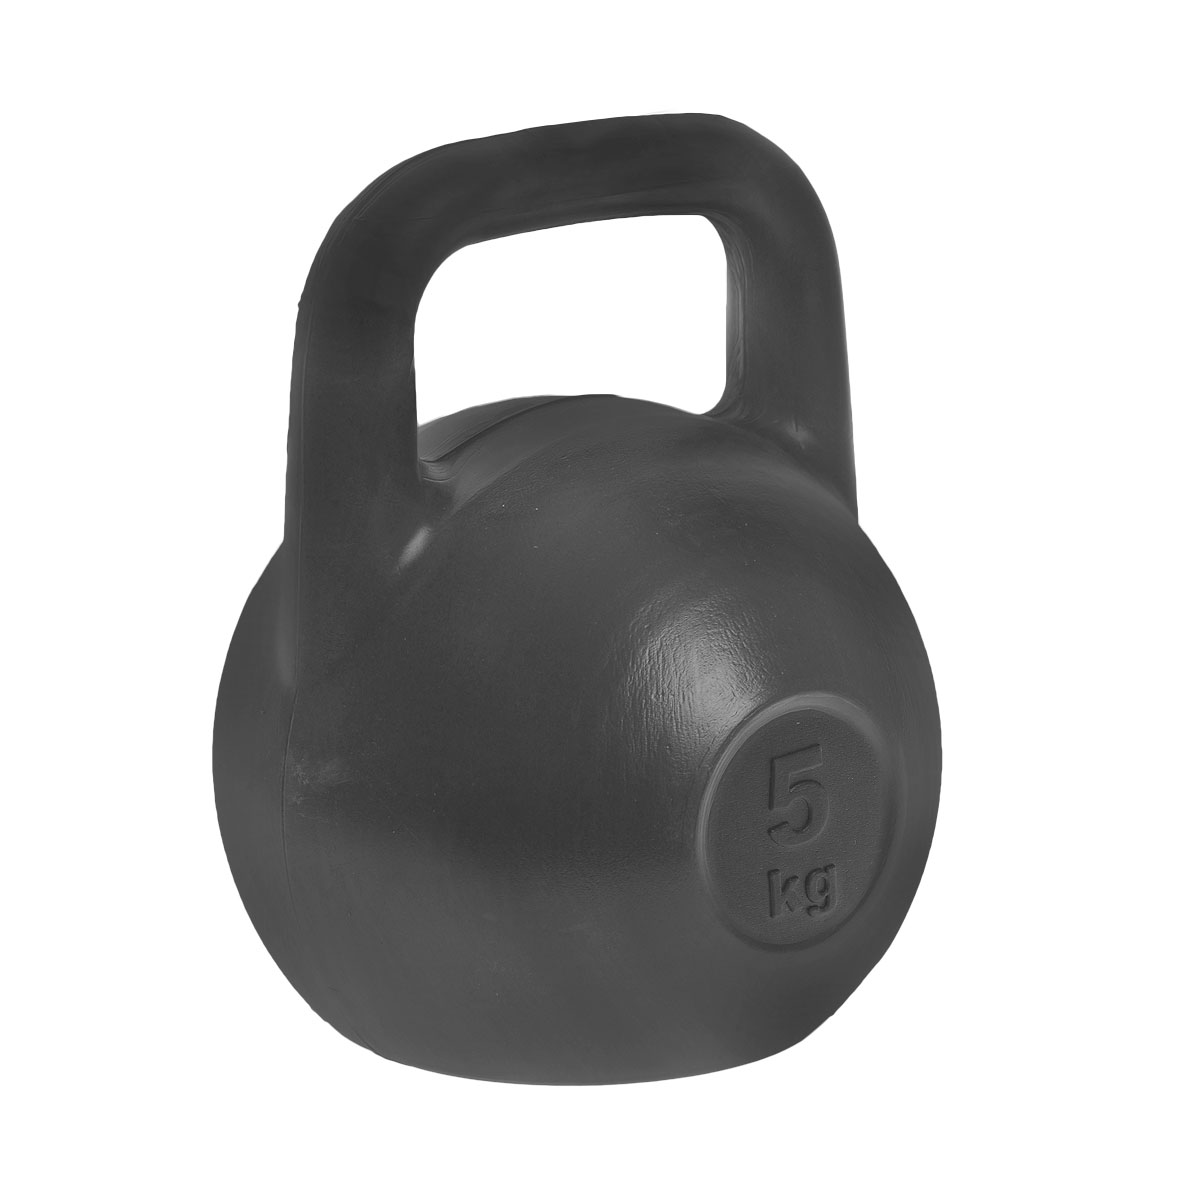 Гиря Евро-Классик, цвет: черный, 5 кгES-0029Гиря Евро-Классик выполнена из прочного пластика с наполнителем из цемента. Эргономичная рукоятка не скользит в руке, обеспечивая надежный хват.Специальная конструкция гири значительно уменьшает риск получения спортсменом травмы.Гири - это самое простое и самое гениальное спортивное оборудование дляразвития мышечной массы. Правильно поставленные тренировки с нимипозволяют не только нарастить мышечную массу, но и развить повышеннуювыносливость, укрепляют сердечнососудистую систему и костно-мышечныйаппарат. Вес гири: 5 кг.